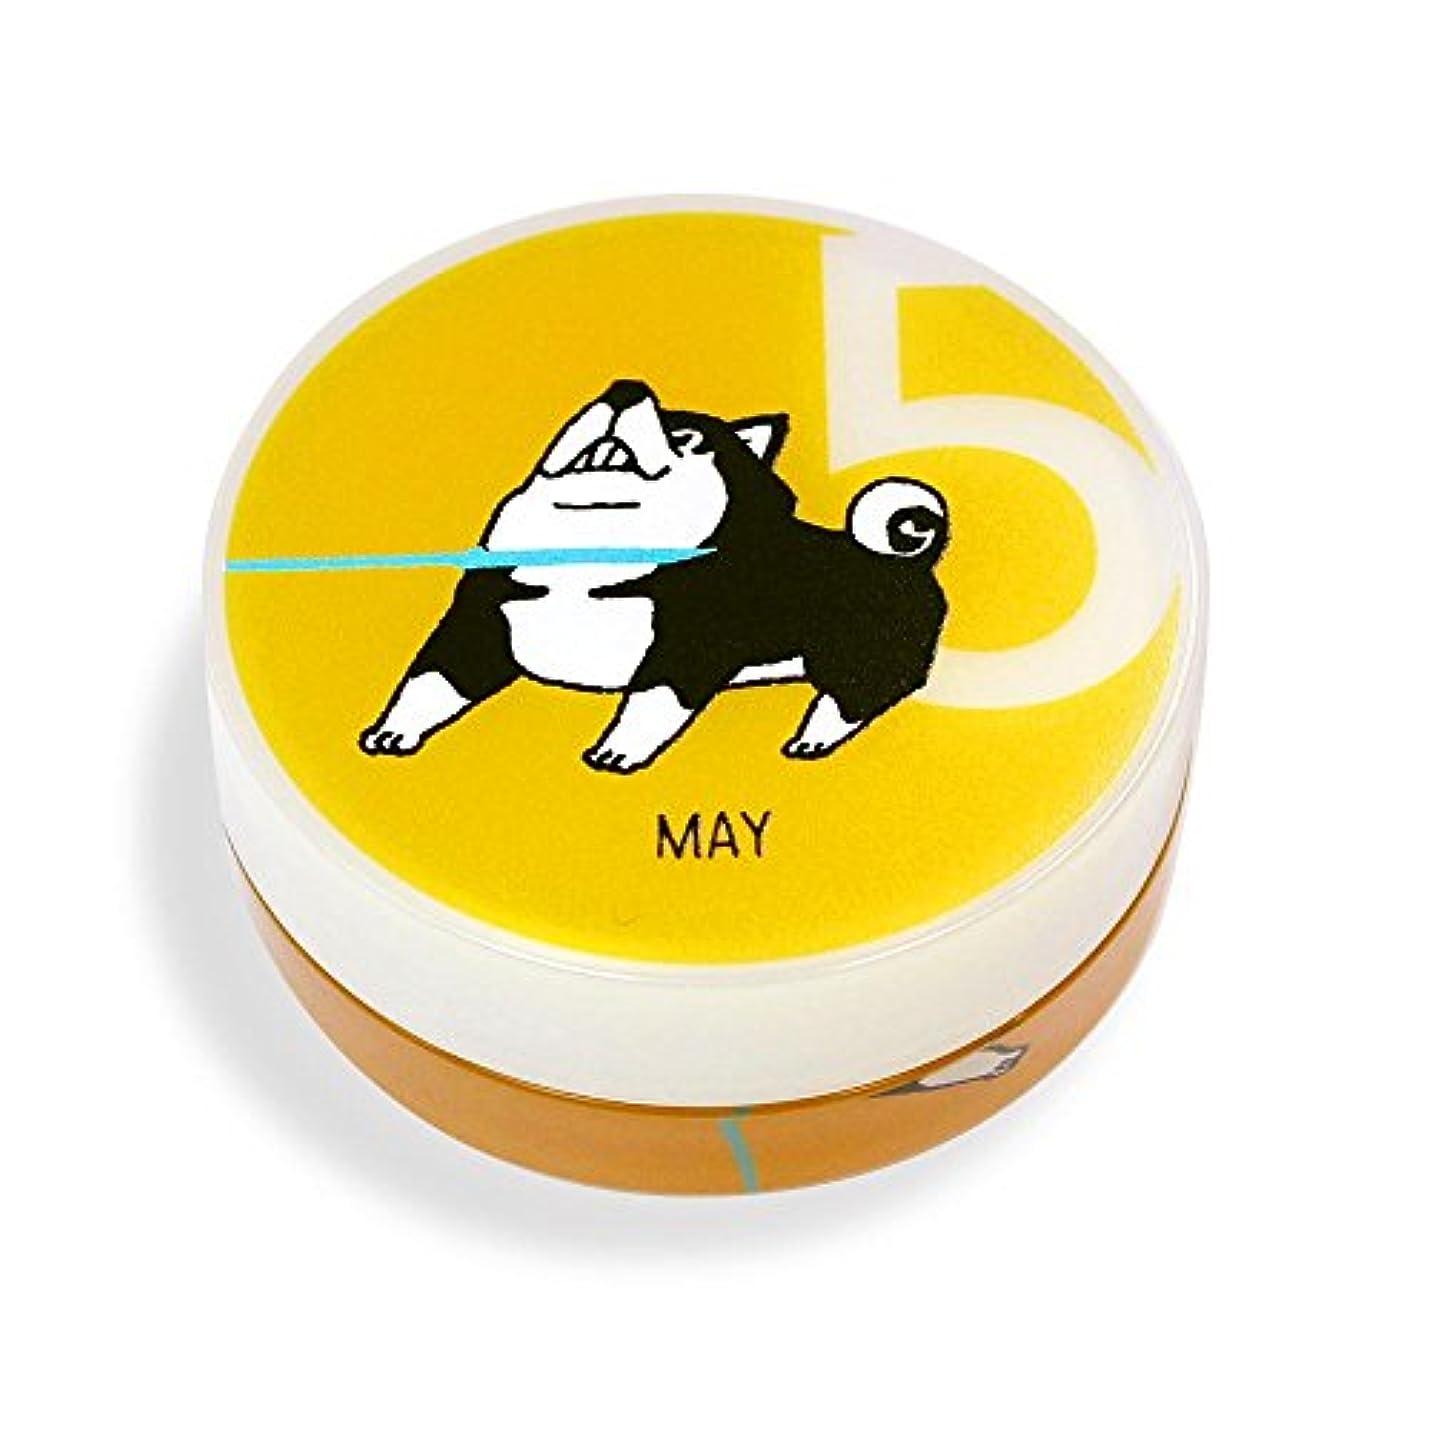 ストライド閉塞億しばんばん フルプルクリーム 誕生月シリーズ 5月 20g